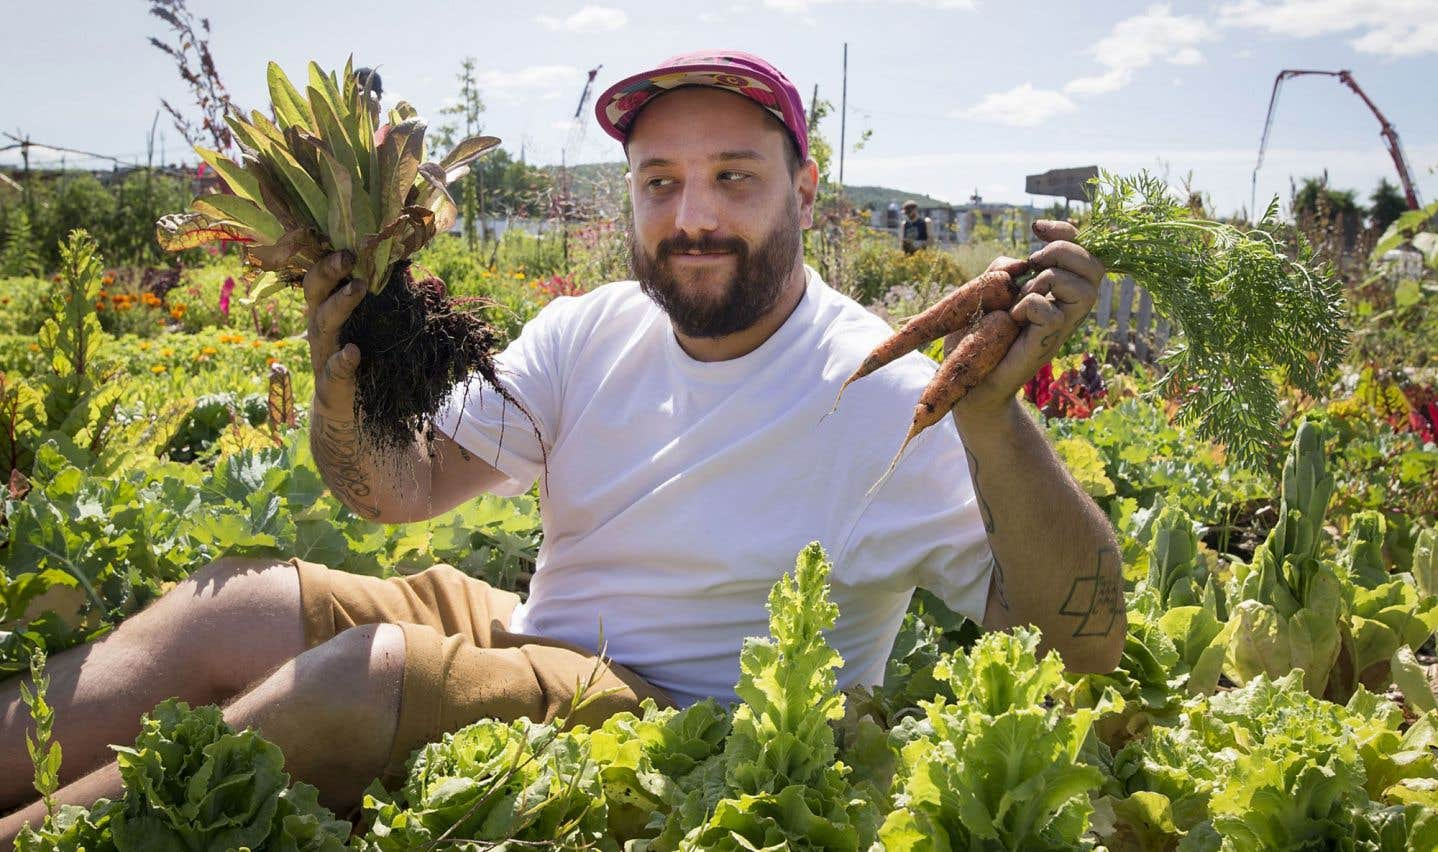 Pour son défi, le chef montréalais Antonin Mousseau-Rivard utilisera, entre autres, des aliments cultivés sur le site Virage MTL par la coopérative Bioma.